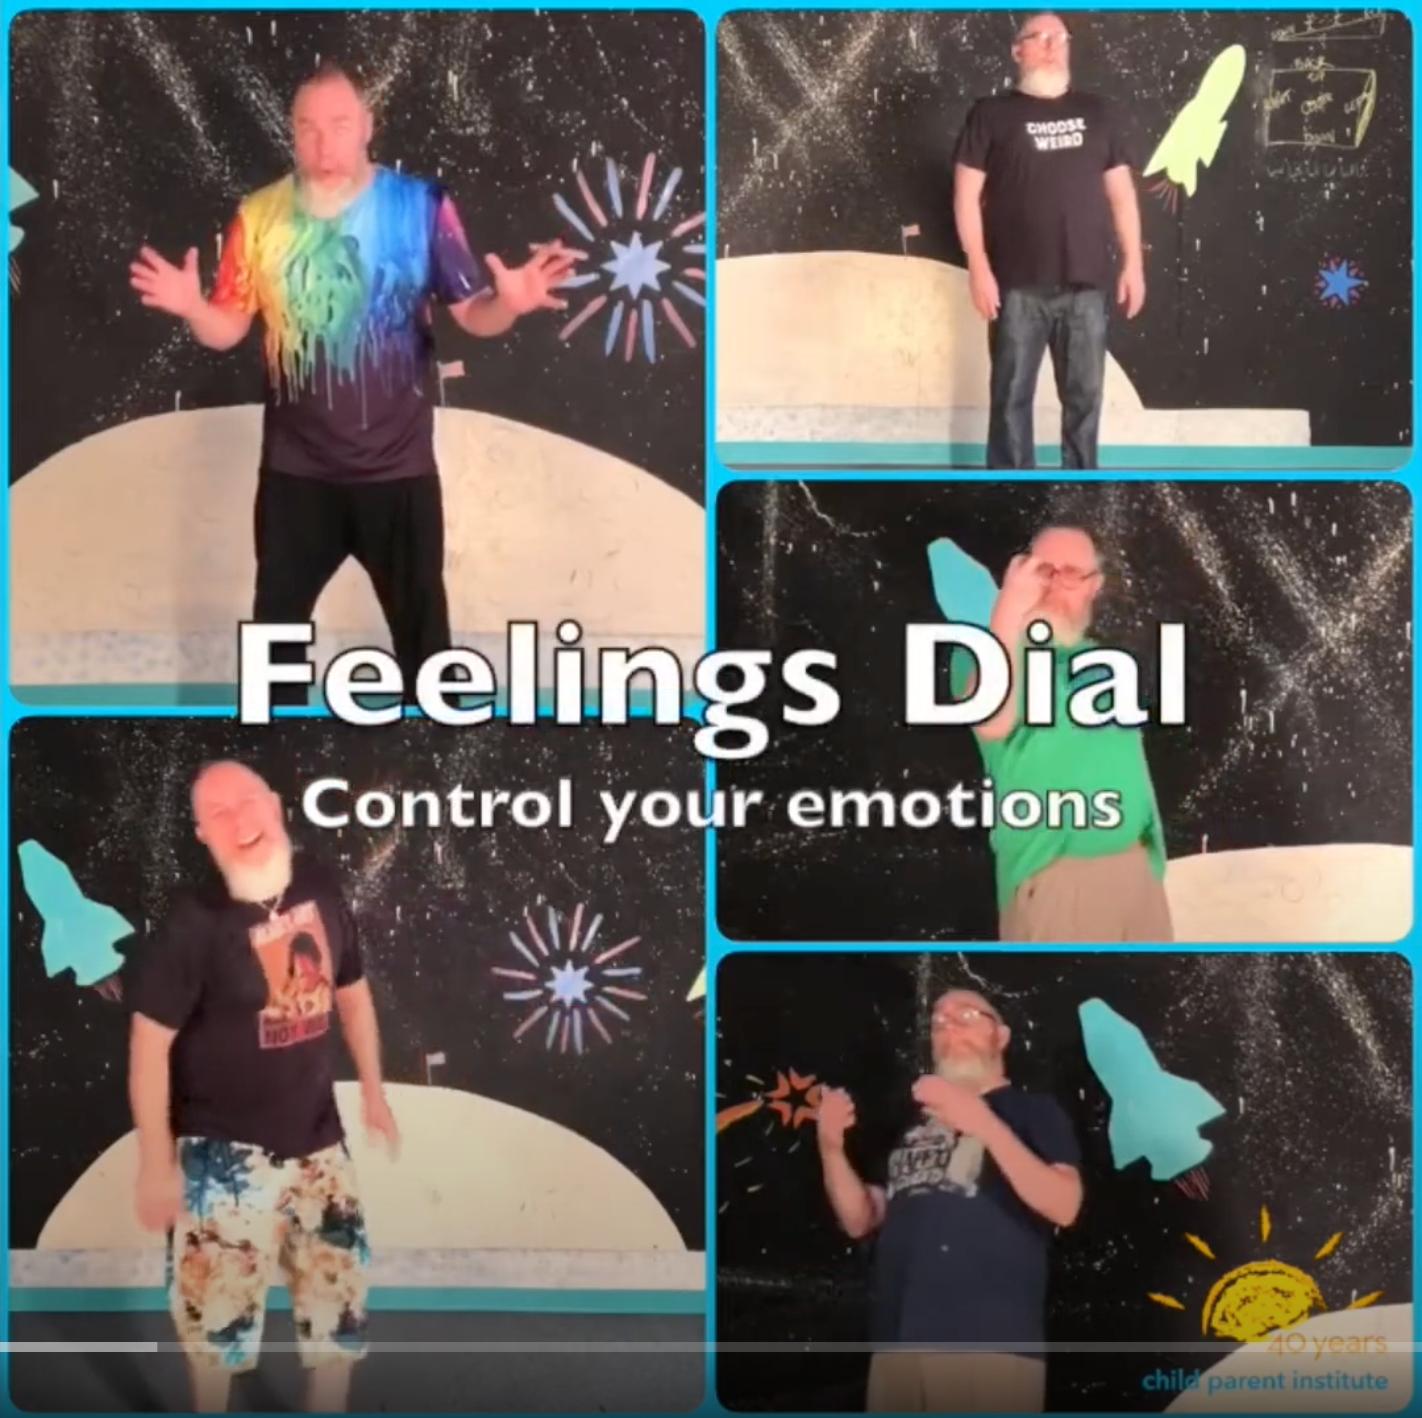 Feelings Dial